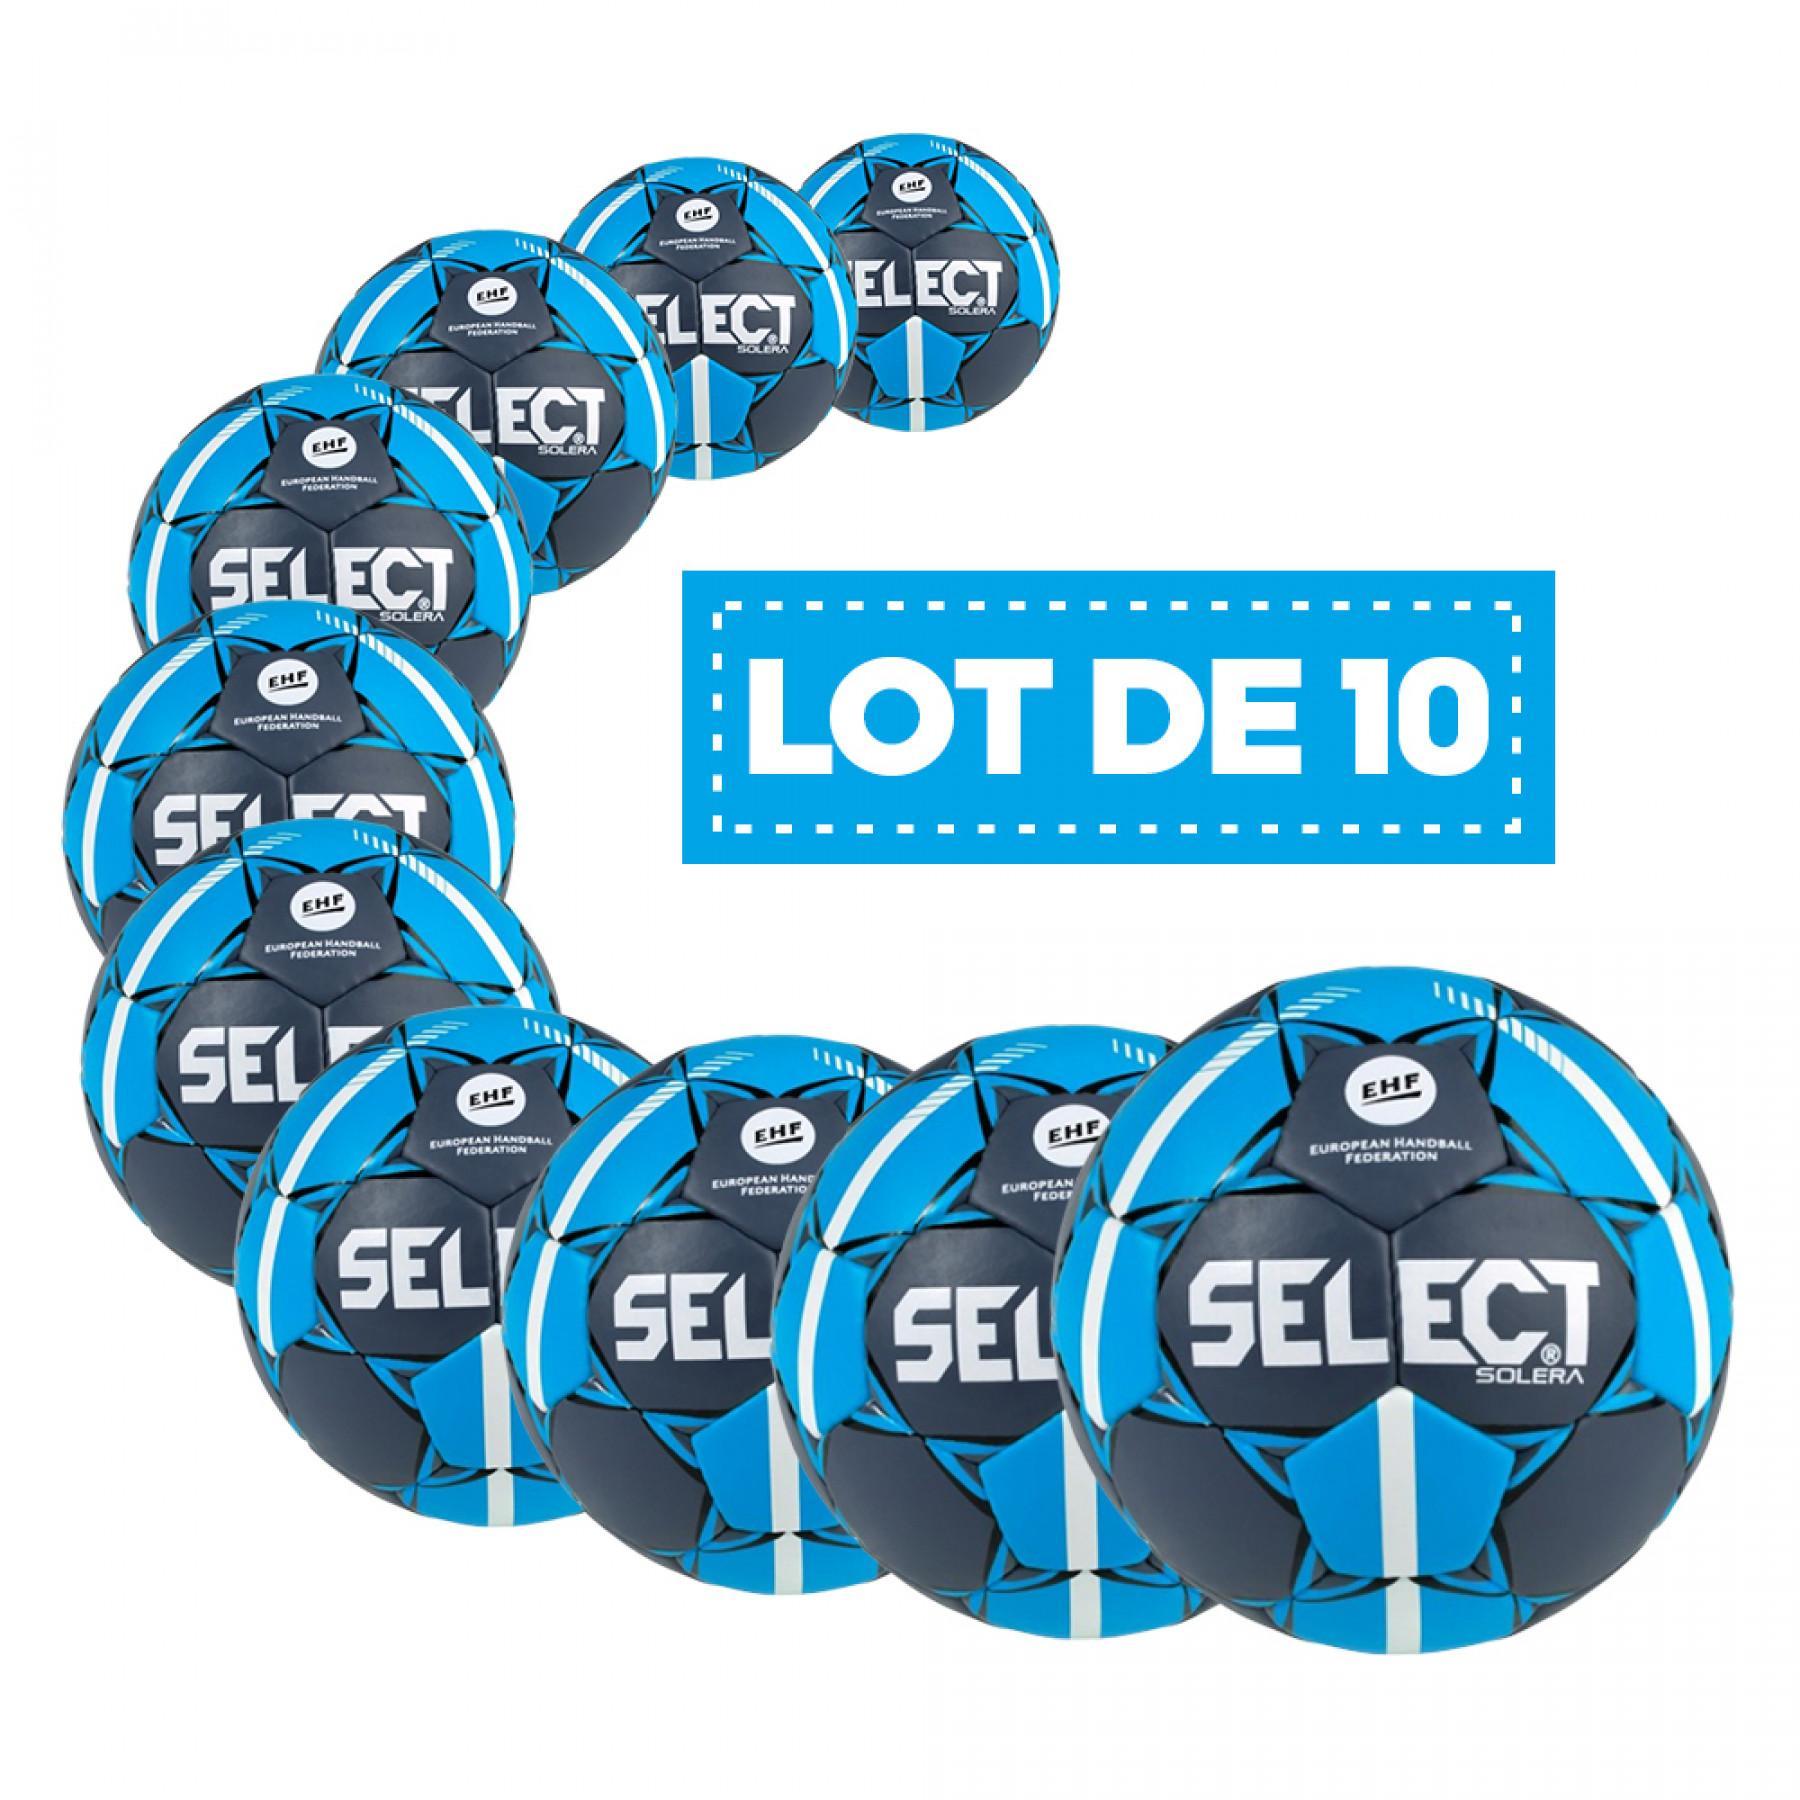 Lot de 10 Ballons Select HB Solera